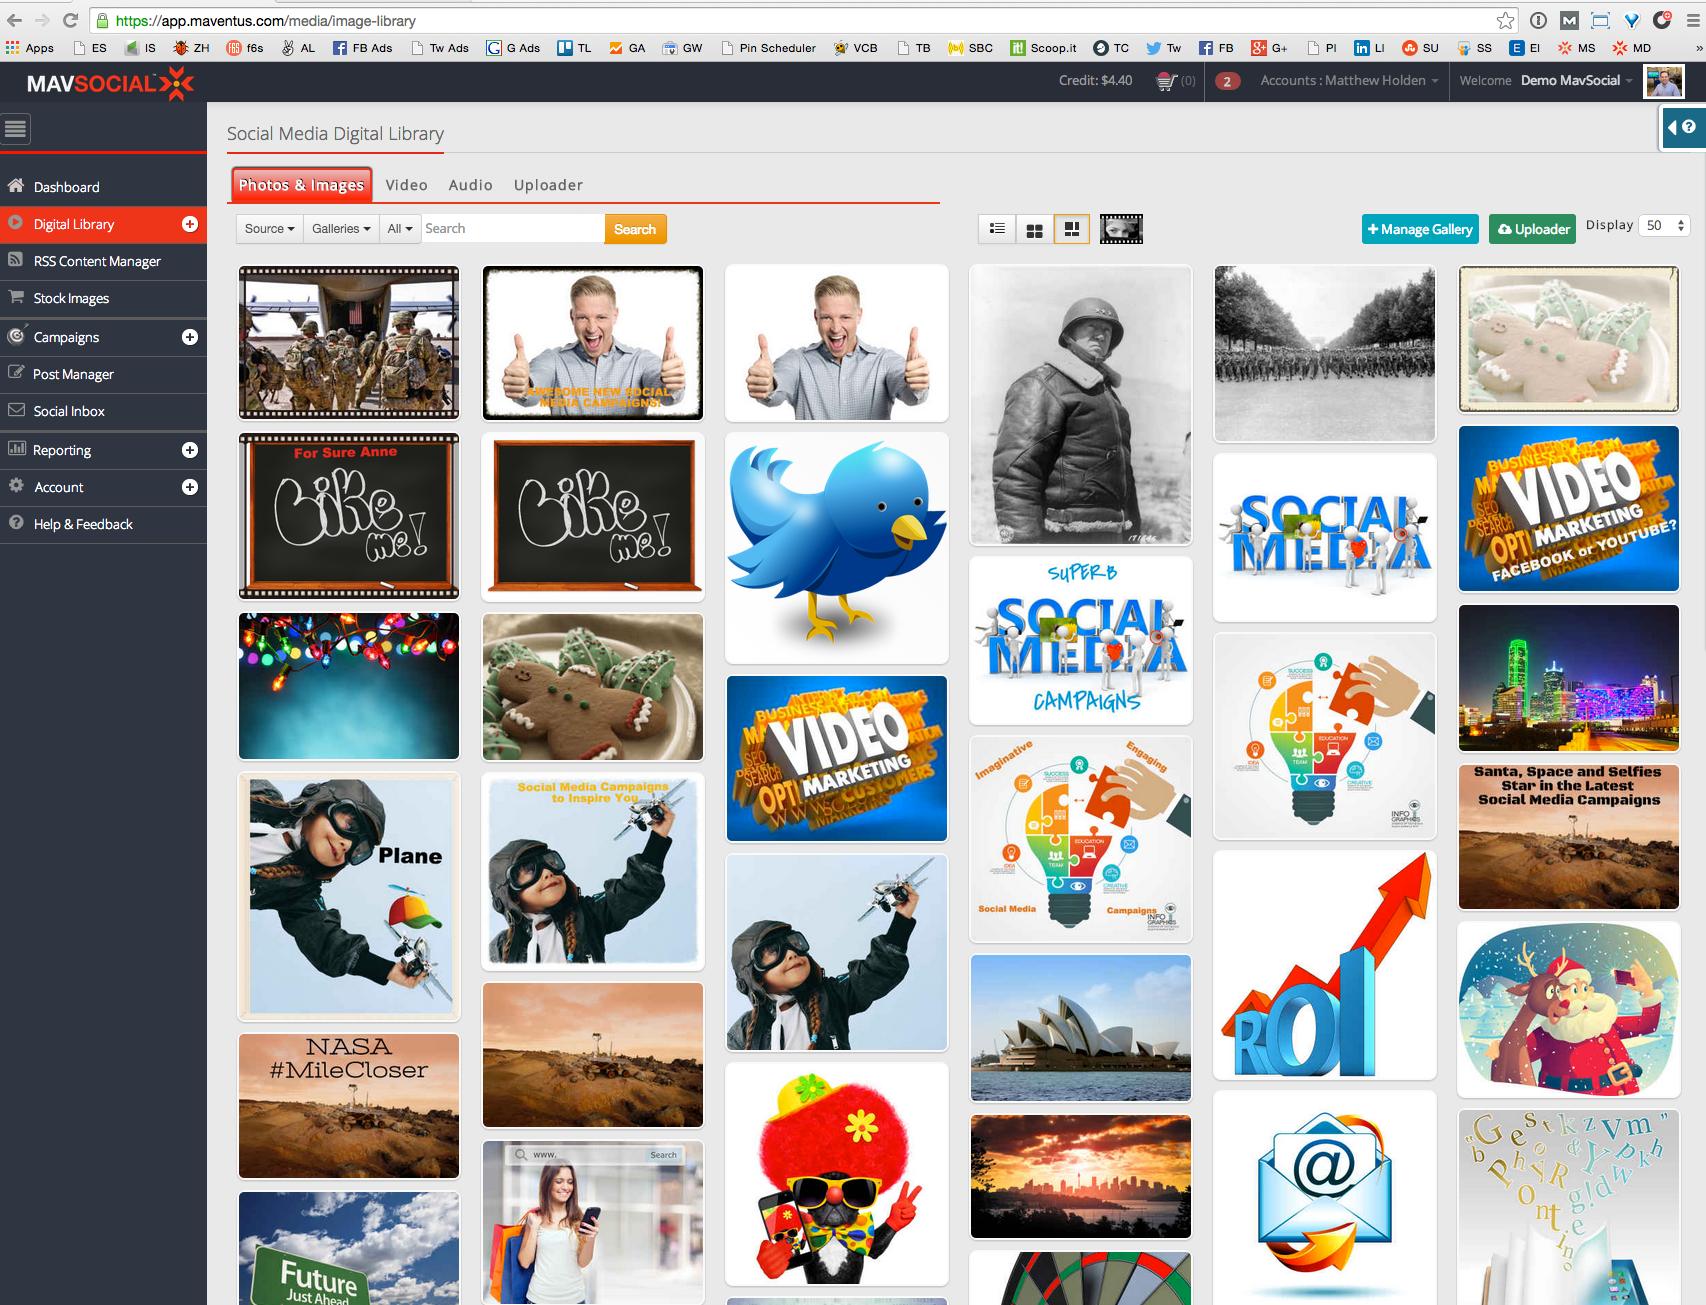 MavSocial Demo - Visual content library